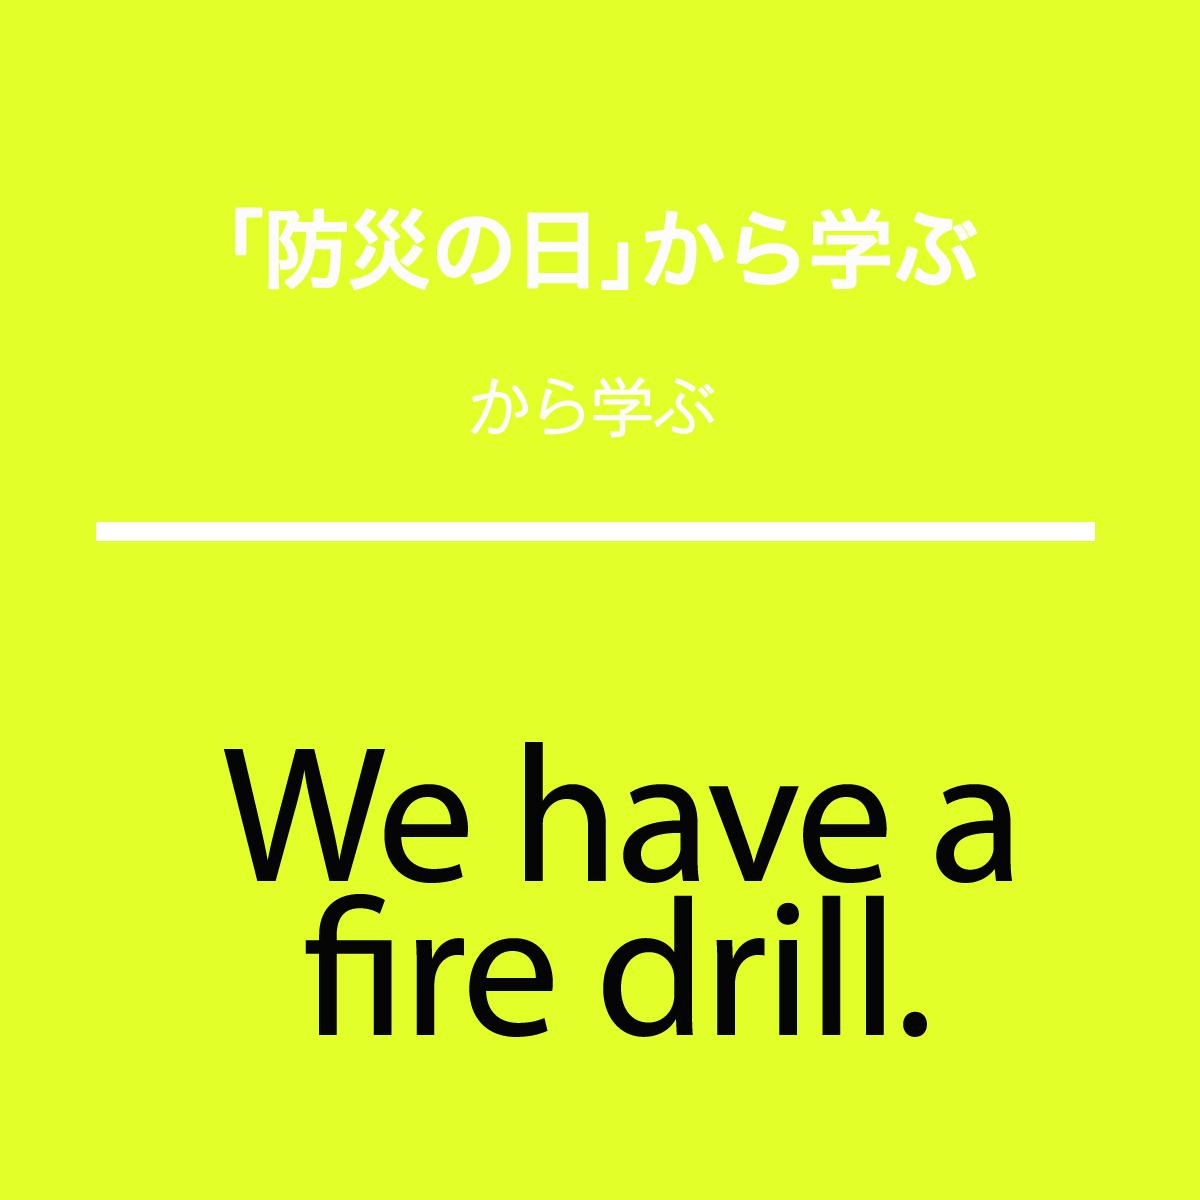 「防災の日」から学ぶ→We have a fire drill.